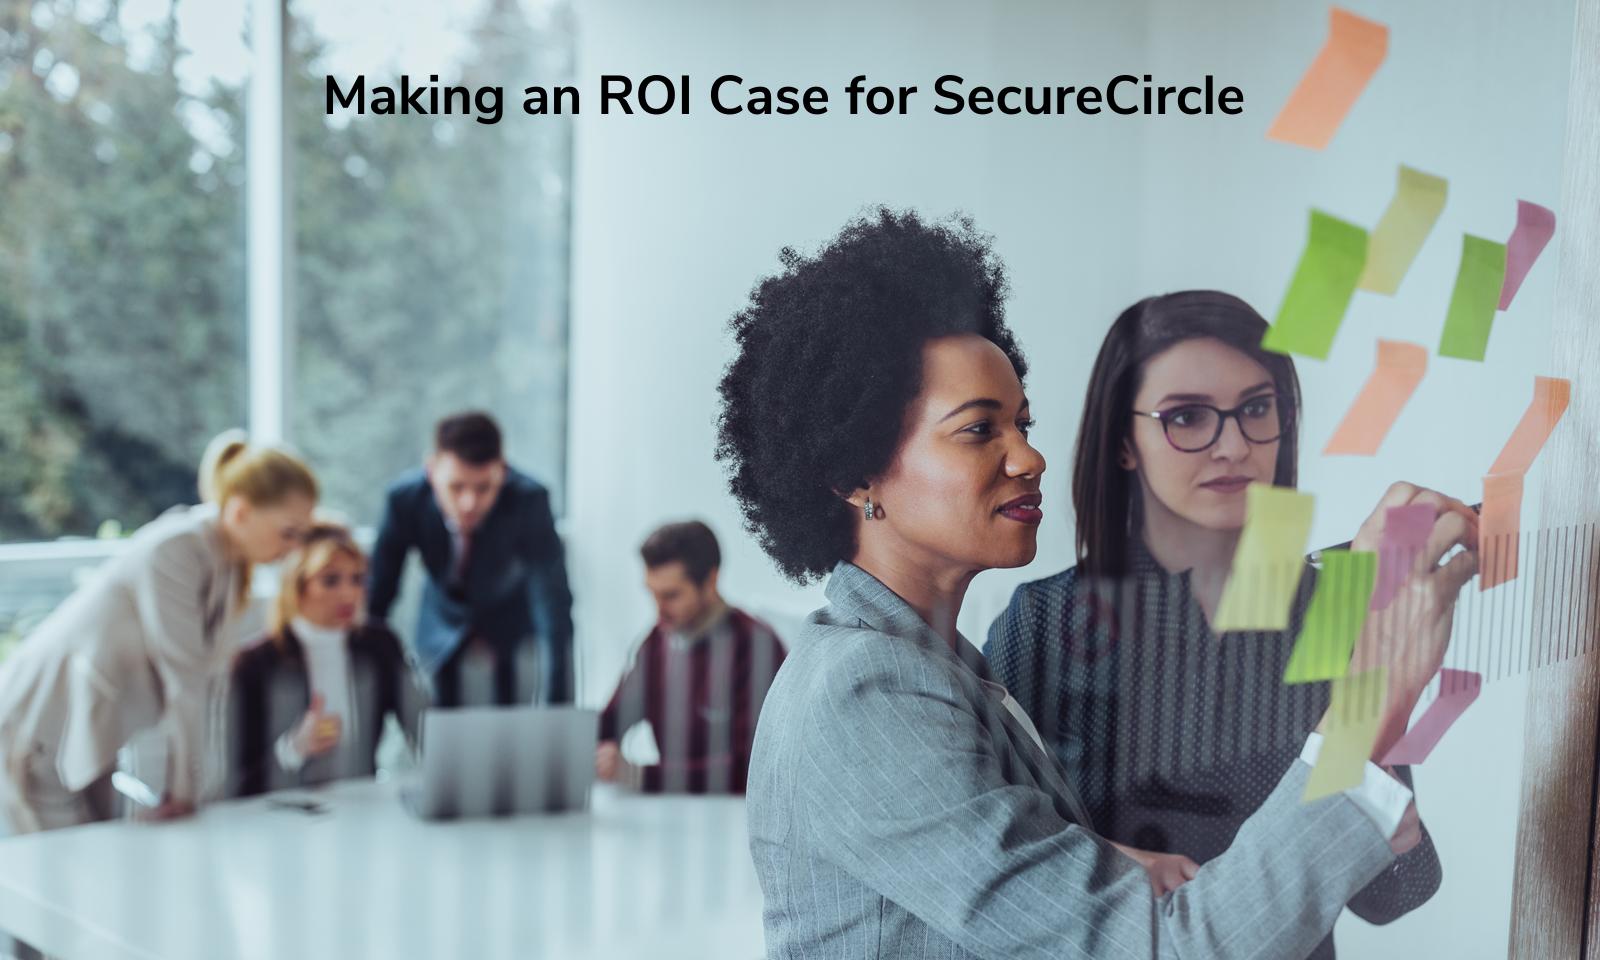 Fazendo um caso de ROI para SecureCircle